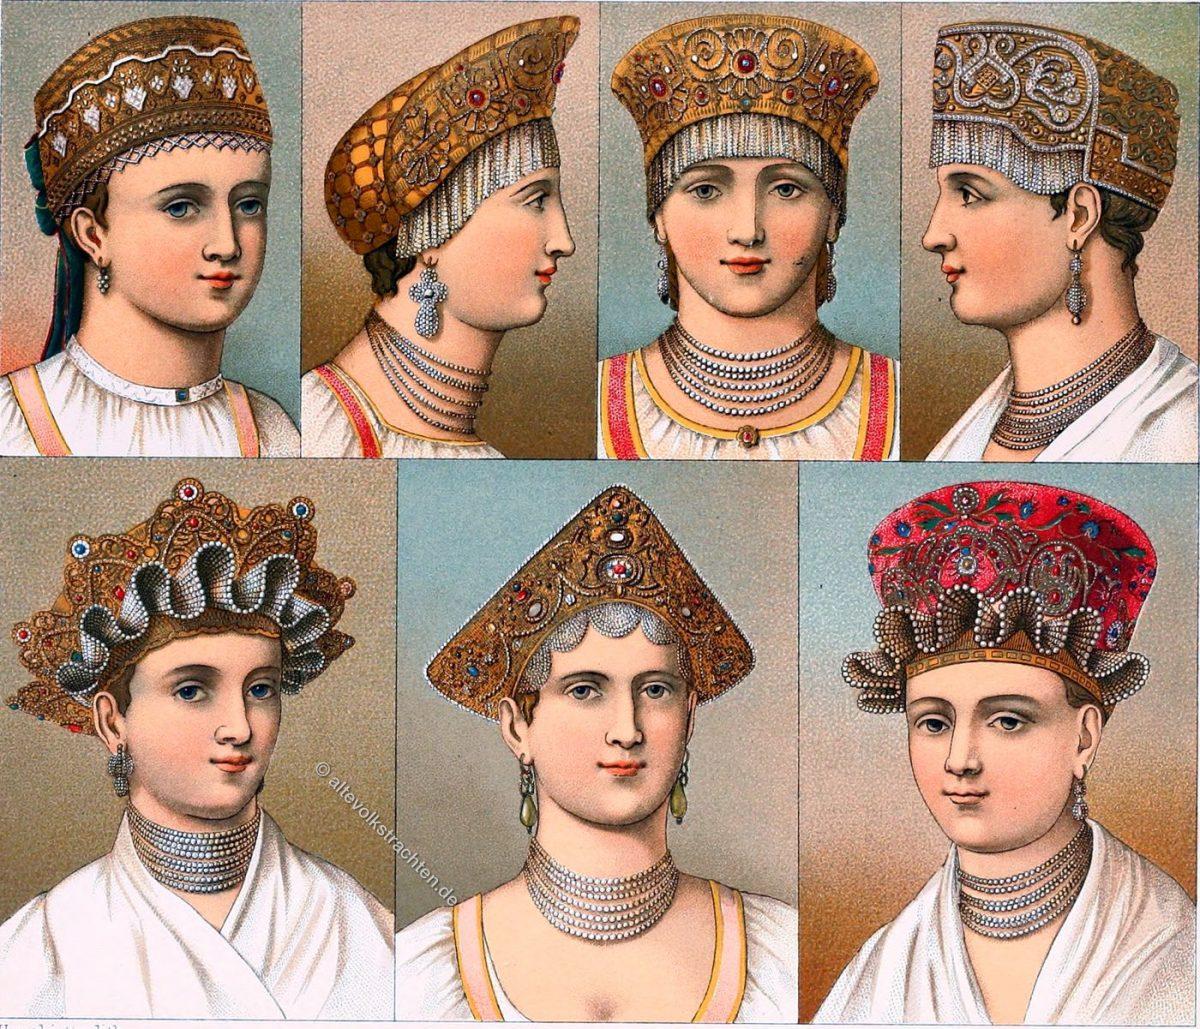 Kopftrachten, Hauben, Volkstracht, Kopfbedeckung, Hüte, Russische Trachtenhauben